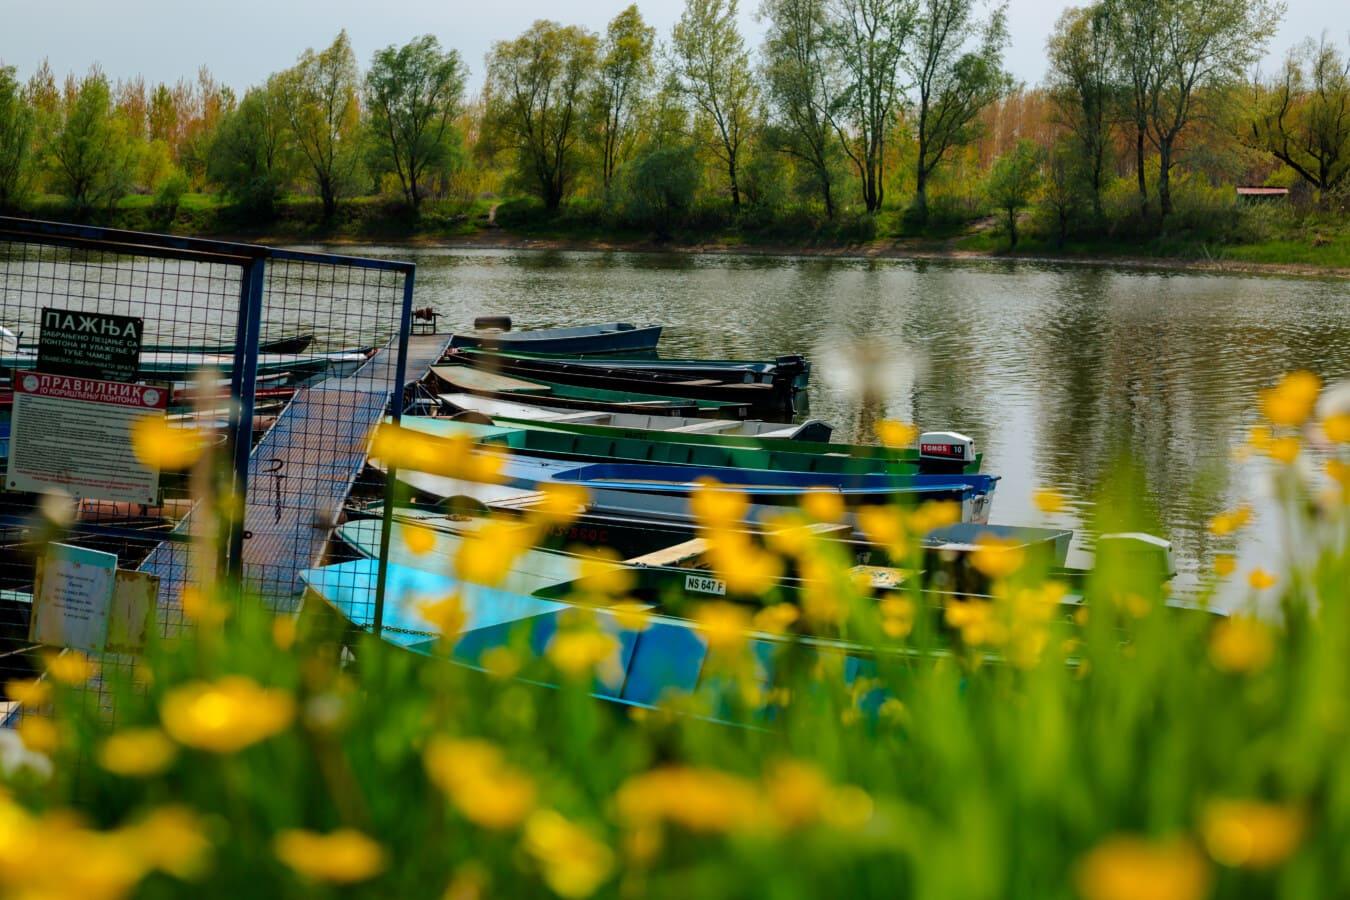 harbor, boats, boat, river boat, water, nature, landscape, lake, river, summer